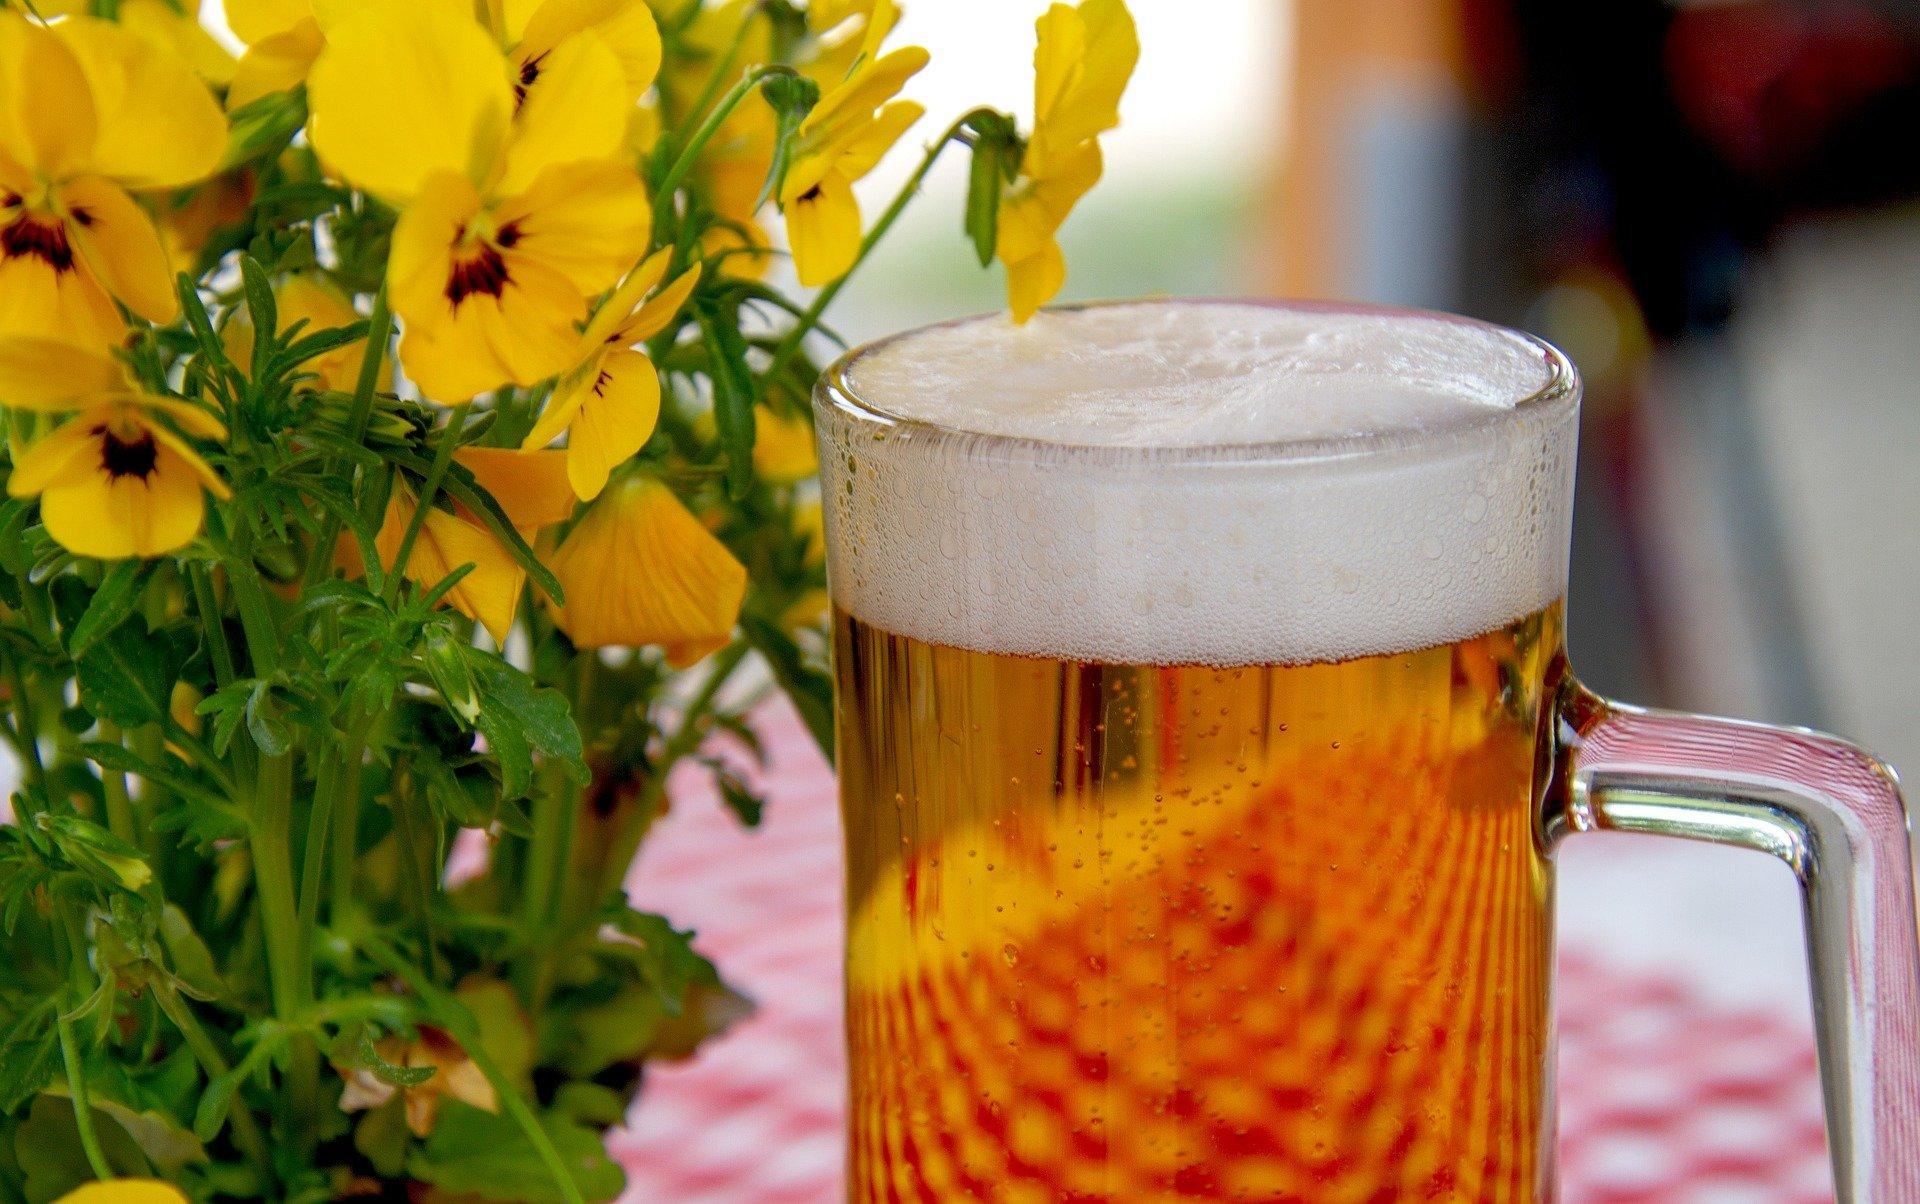 Wein vor Bier, oder Bier vor dem Wein? So oder so, werden Sie verkatert, findet Studie